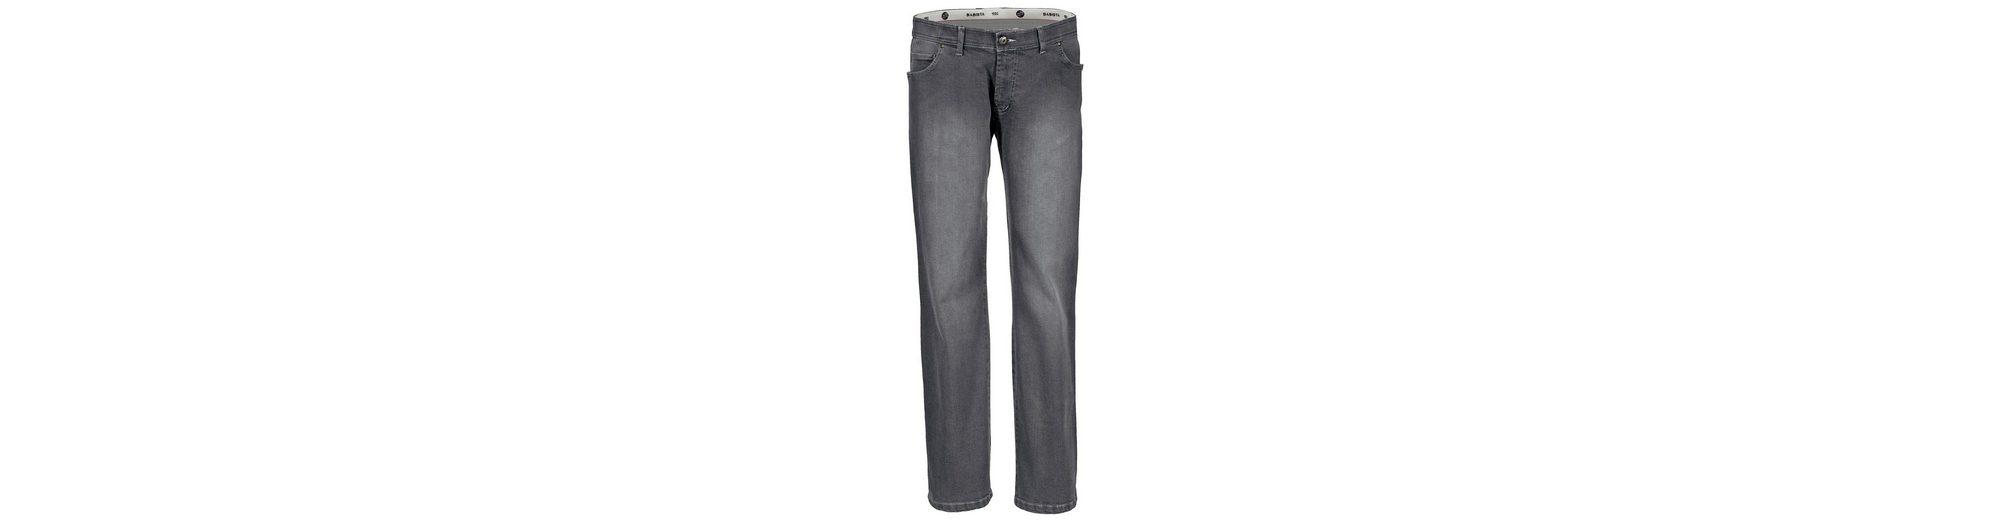 Babista Unterbauch-Jeans mit verk眉rzter Leibh枚he